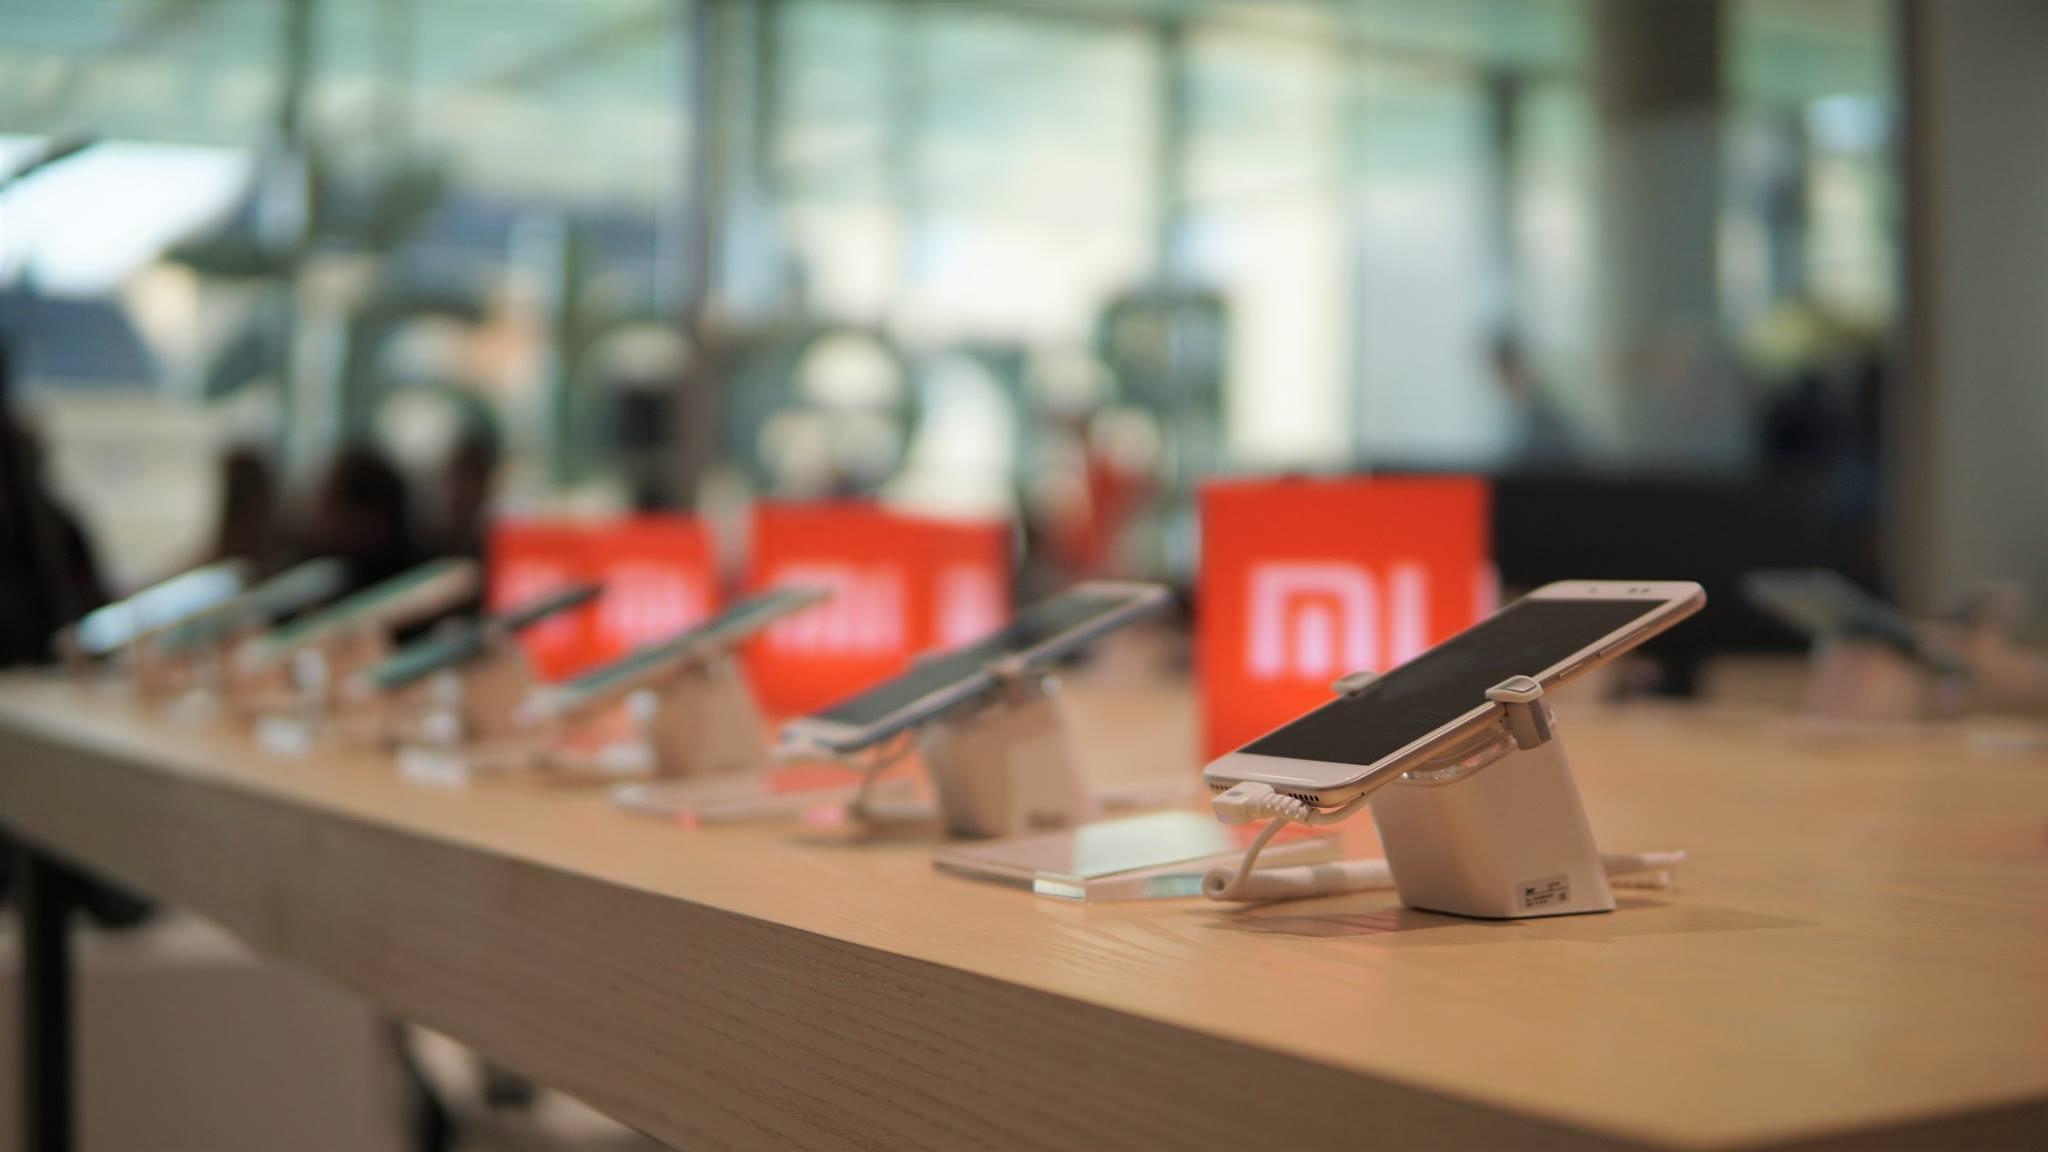 Další Mi Store v České republice bude otevřen 9. 11.